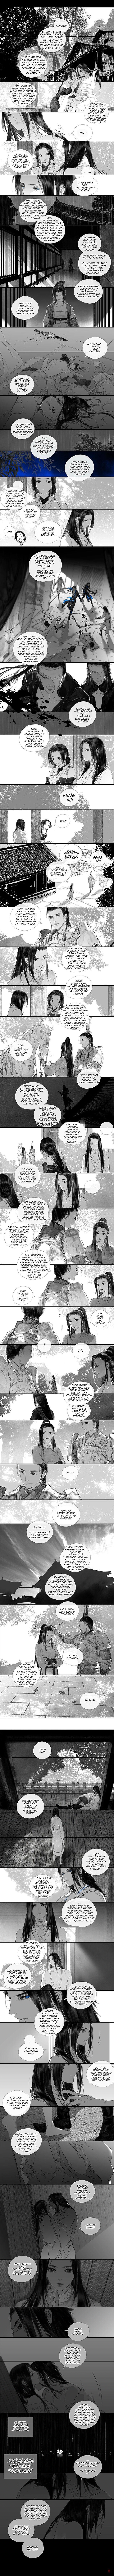 Yi Chui Wu Yue Tiao Man Ji 150 Page 1